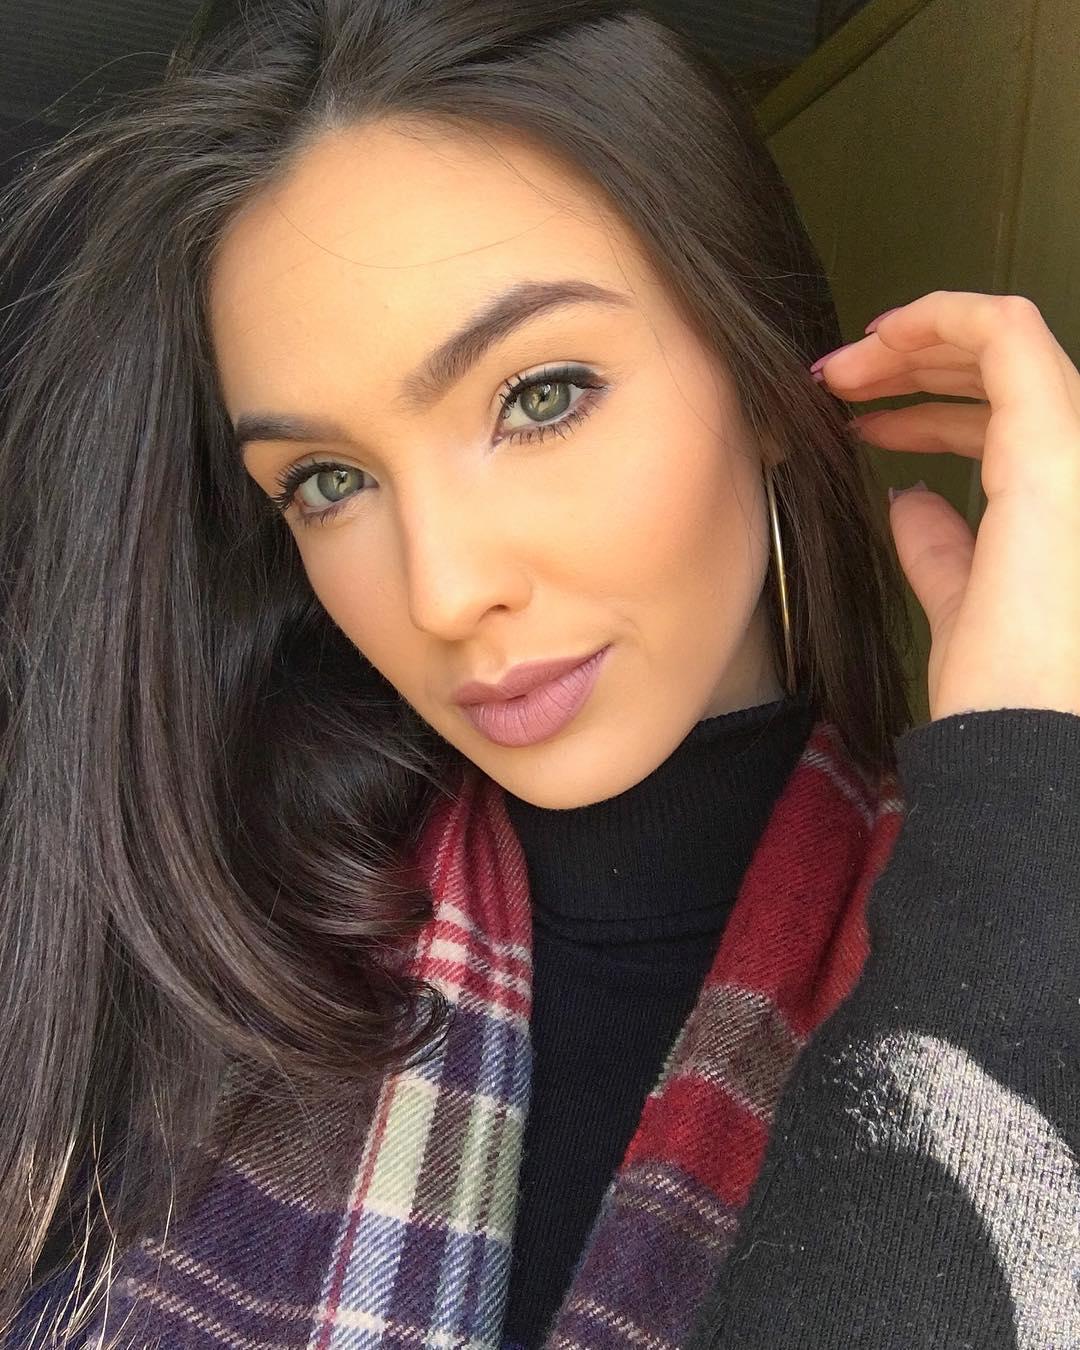 candidatas a miss brasil universo 2019. final: 09 de marso. - Página 2 2u8j263y